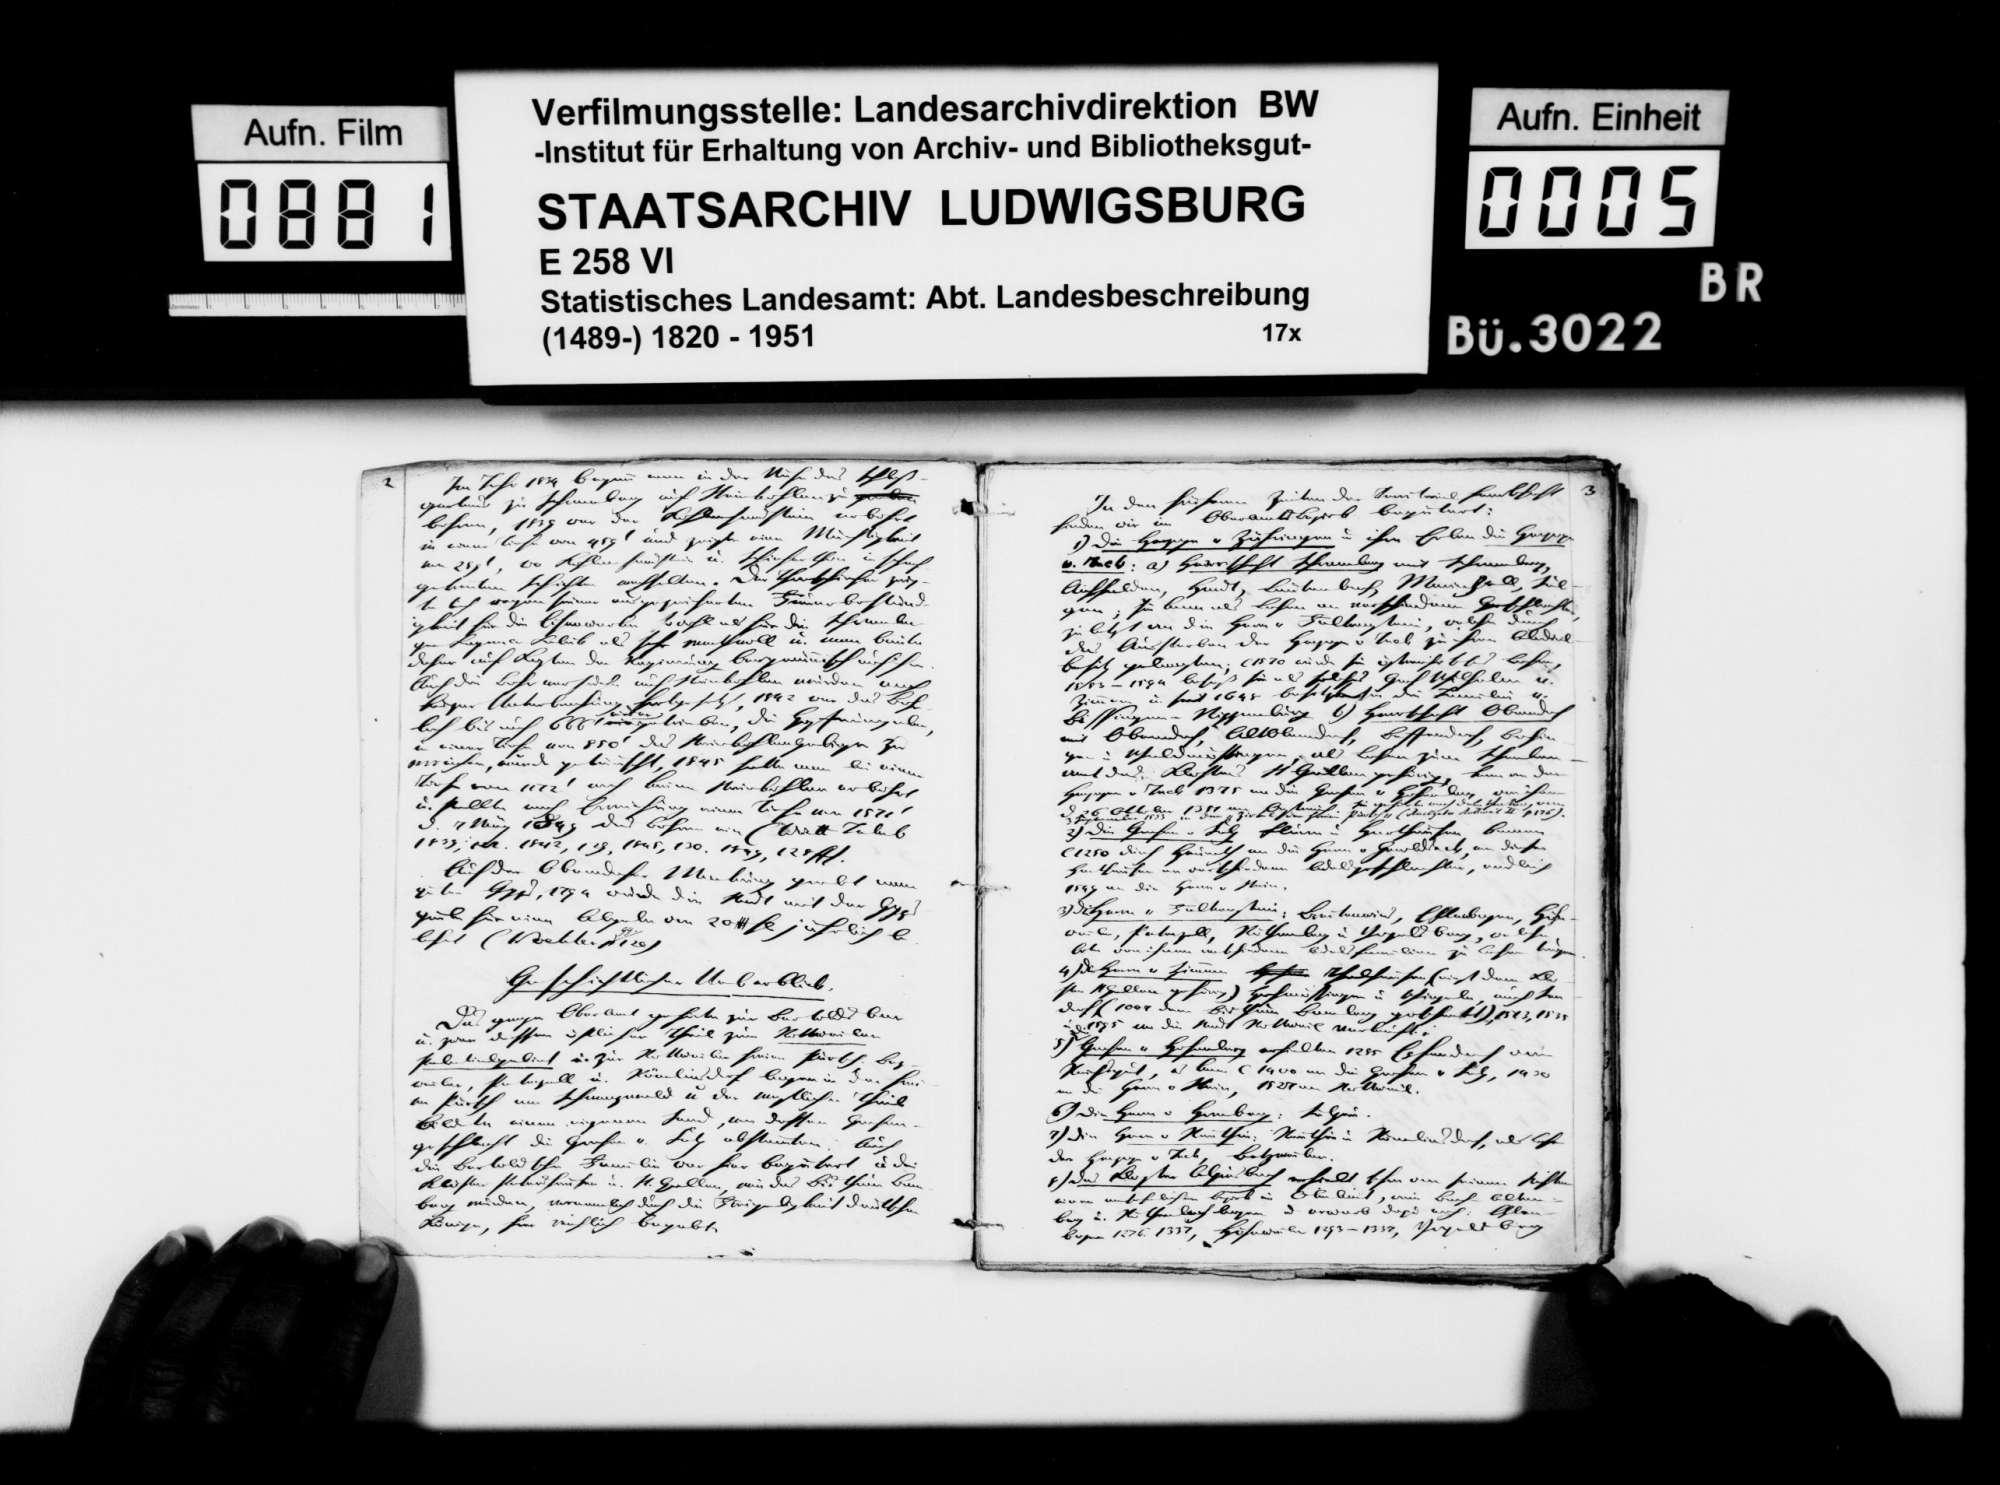 Beiträge des [Konrektors] Karl Pfaff [aus Esslingen] zur historiographischen Beschreibung des Oberamts, Bild 3